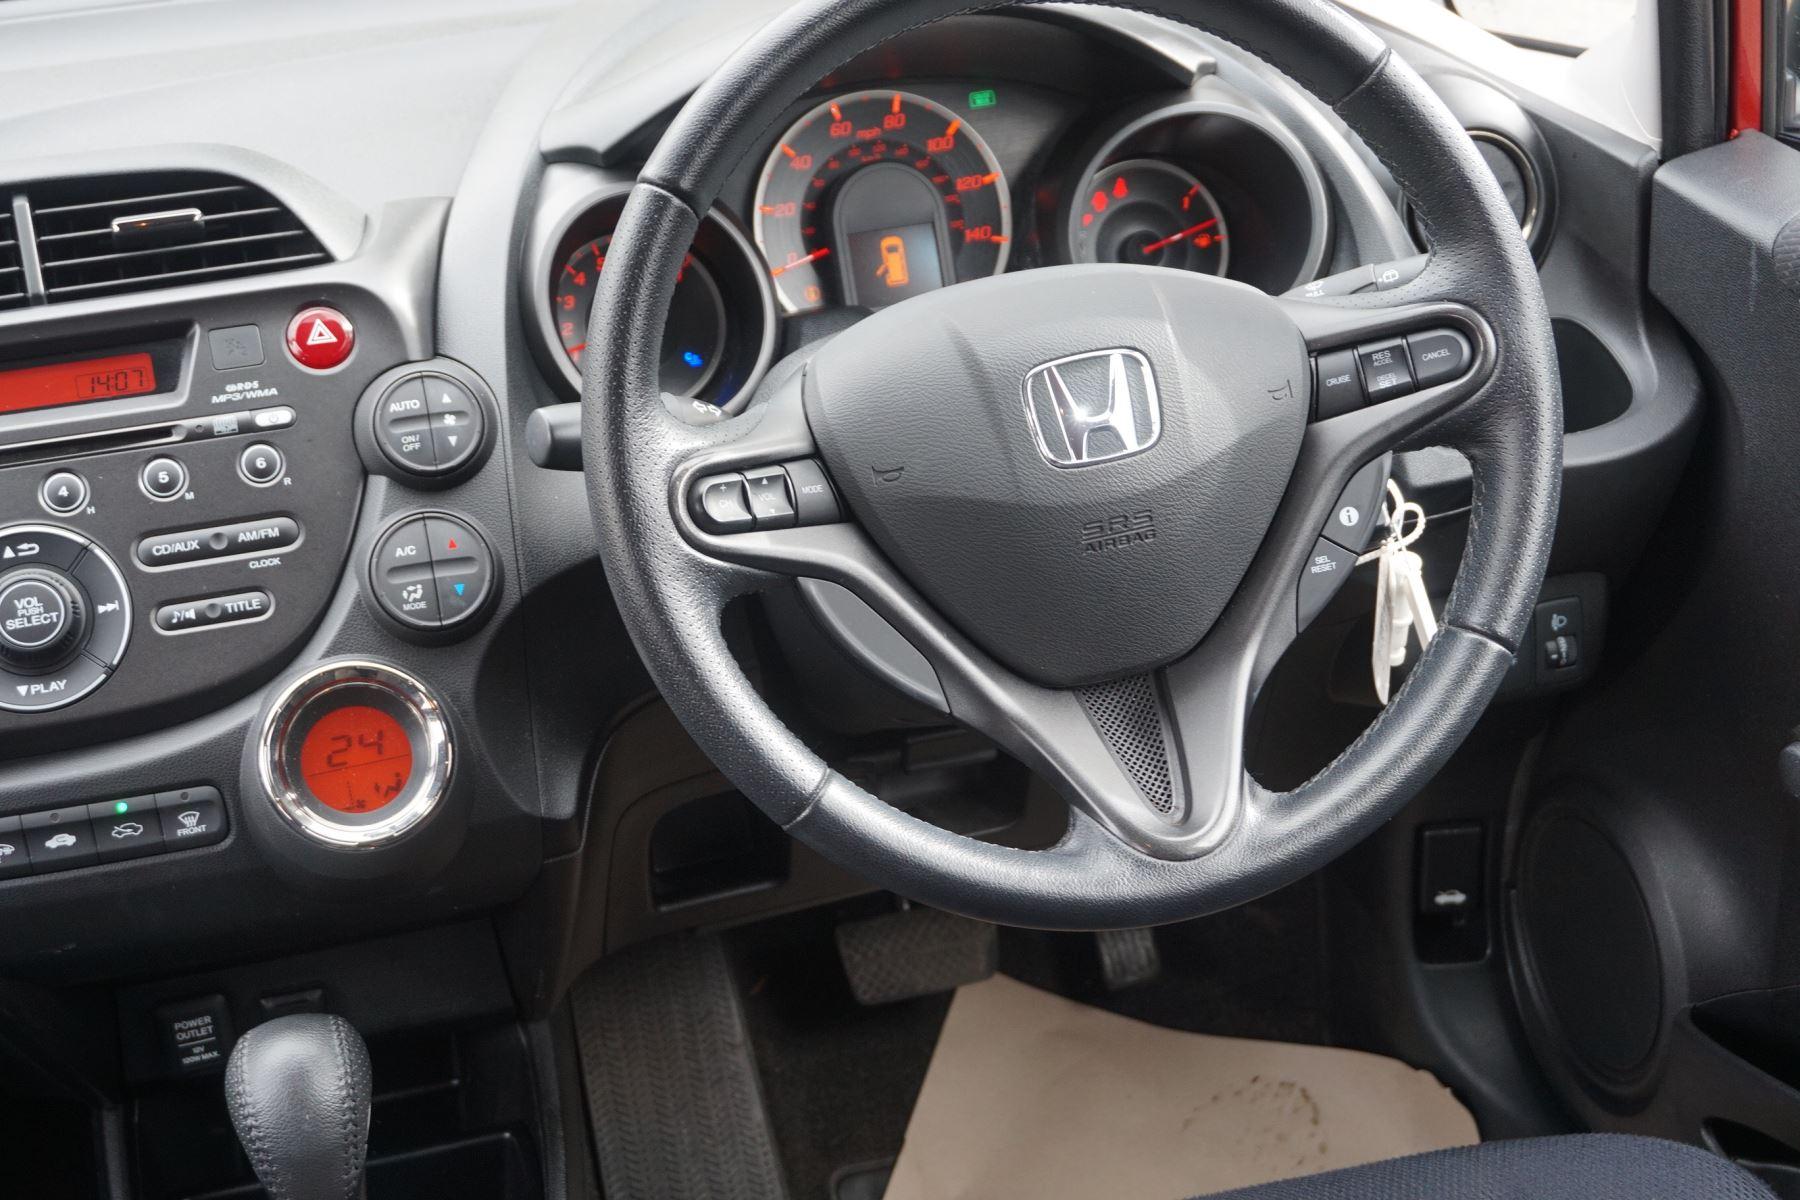 Honda Jazz 1.4 i-VTEC ES Plus CVT image 14